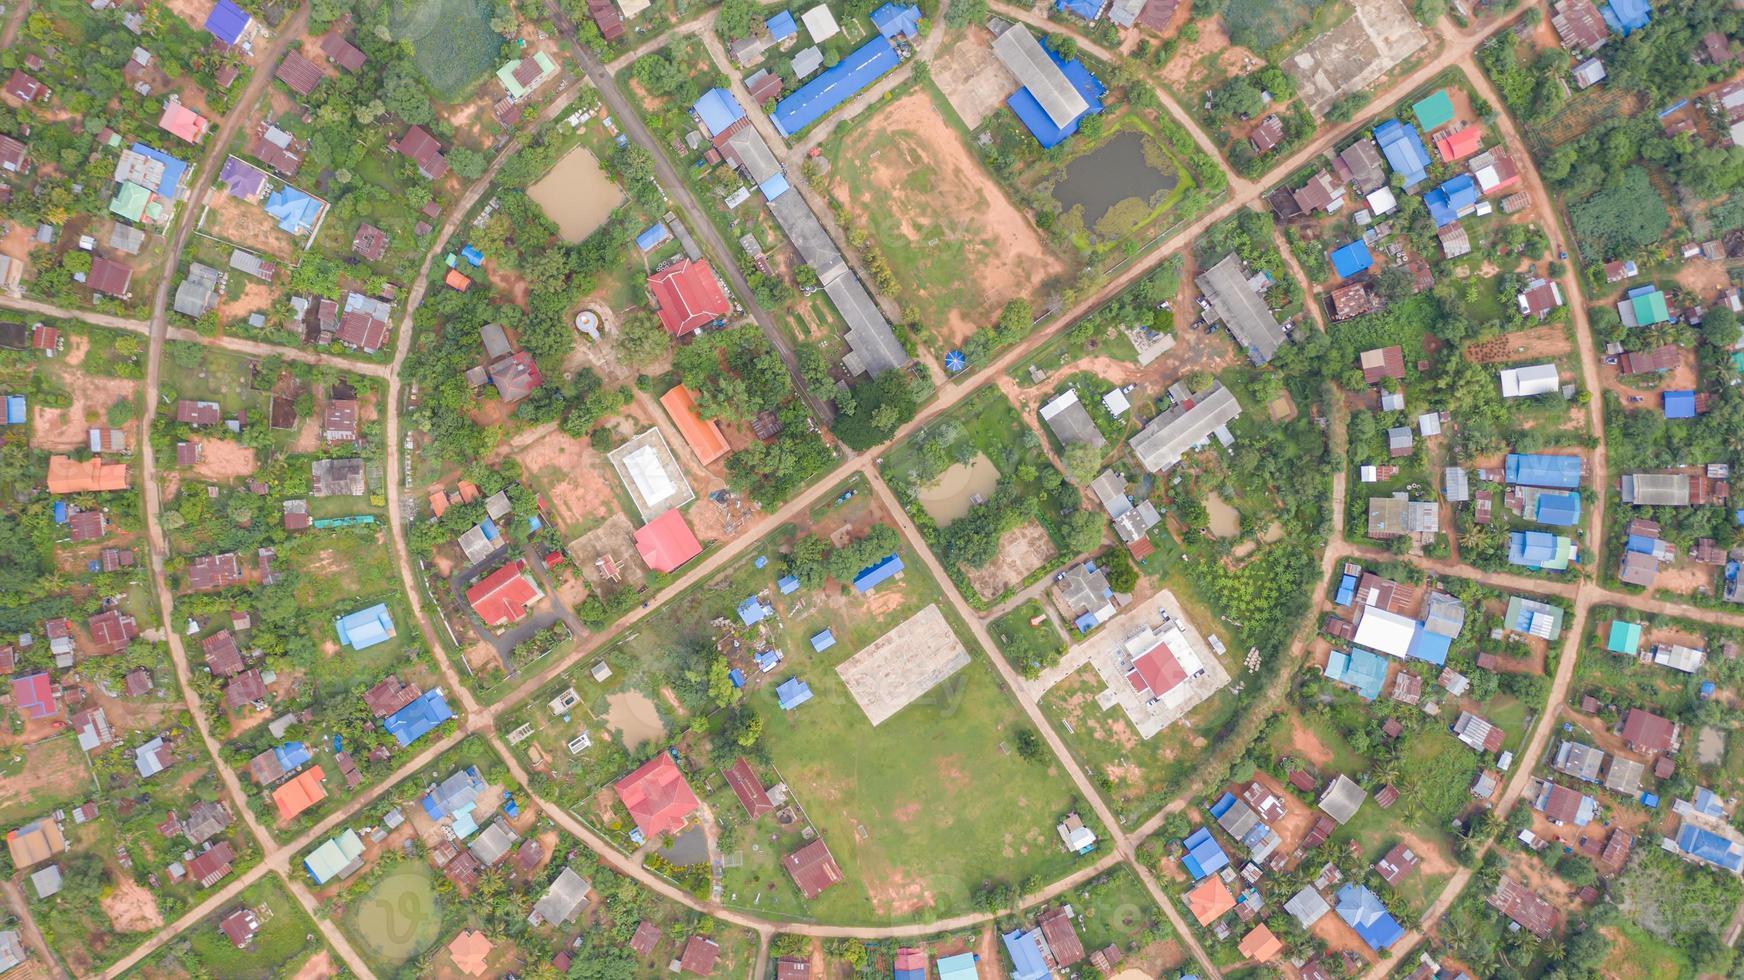 vista aérea da vila circular foto